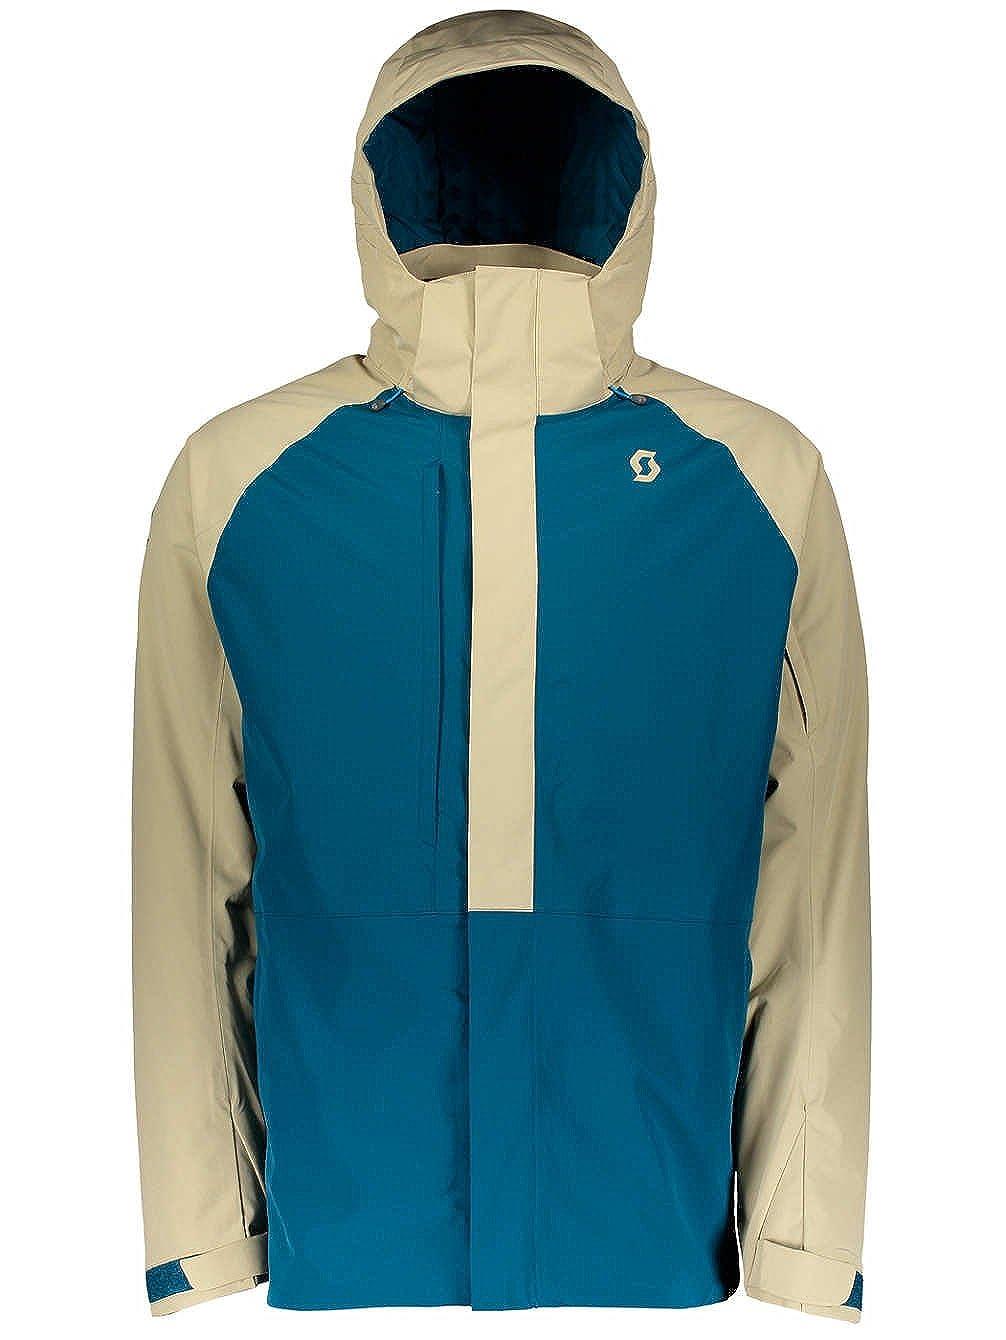 Scott Jacket Ultimate Dryo 40B0714F8RYSLarge sahara sahara sahara beige lunar blu | La qualità prima  | Lascia che i nostri beni escano nel mondo  | Per tua scelta  | Numeroso Nella Varietà  | Aspetto piacevole  | Una Grande Varietà Di Merci  8588a0